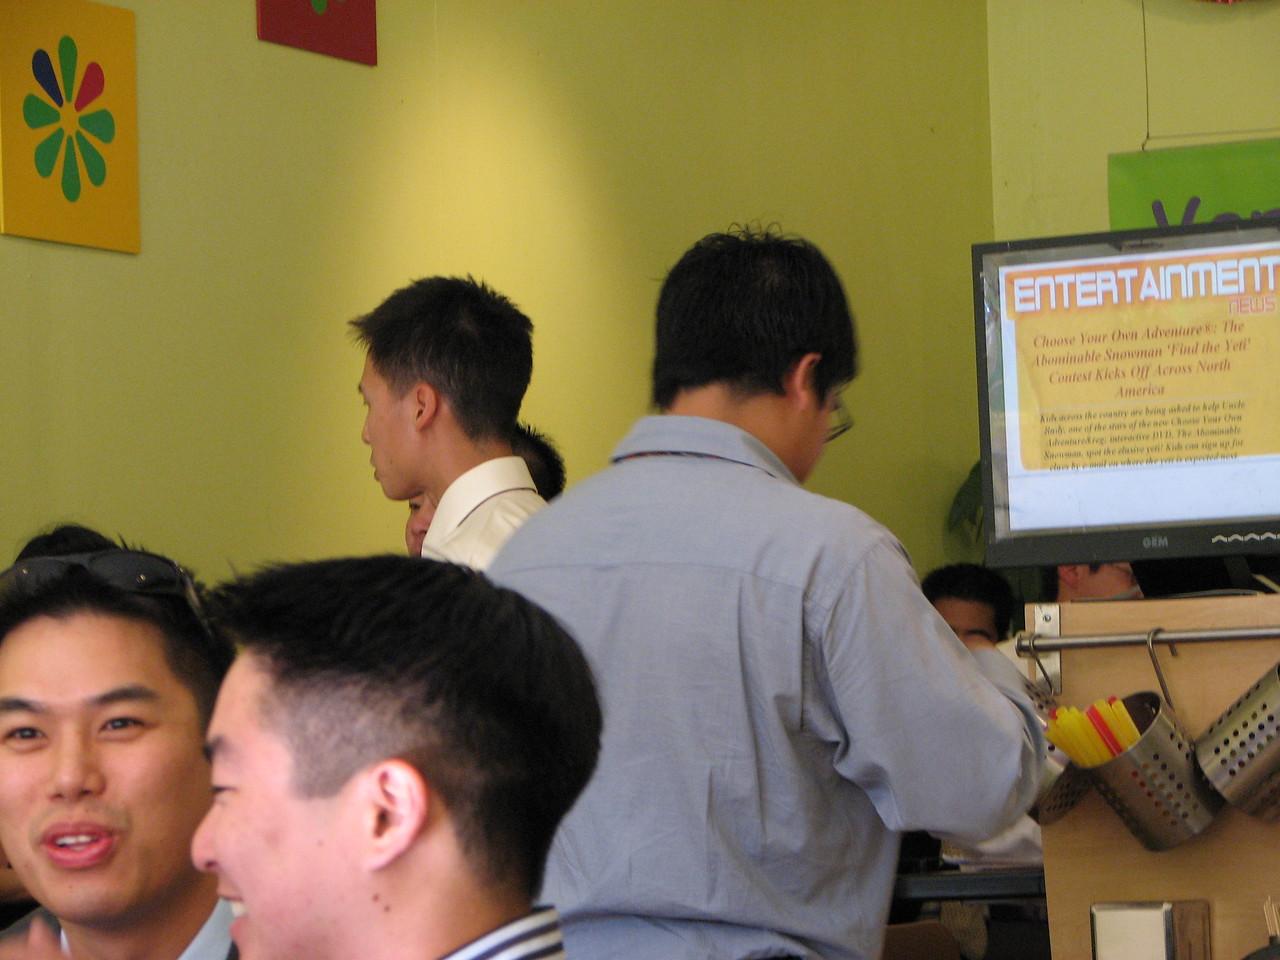 2006 10 08 Sun - In between boba @ Café Verde again - Johnny Chen, Dean Chang, Dave Lee, & Eric Liang